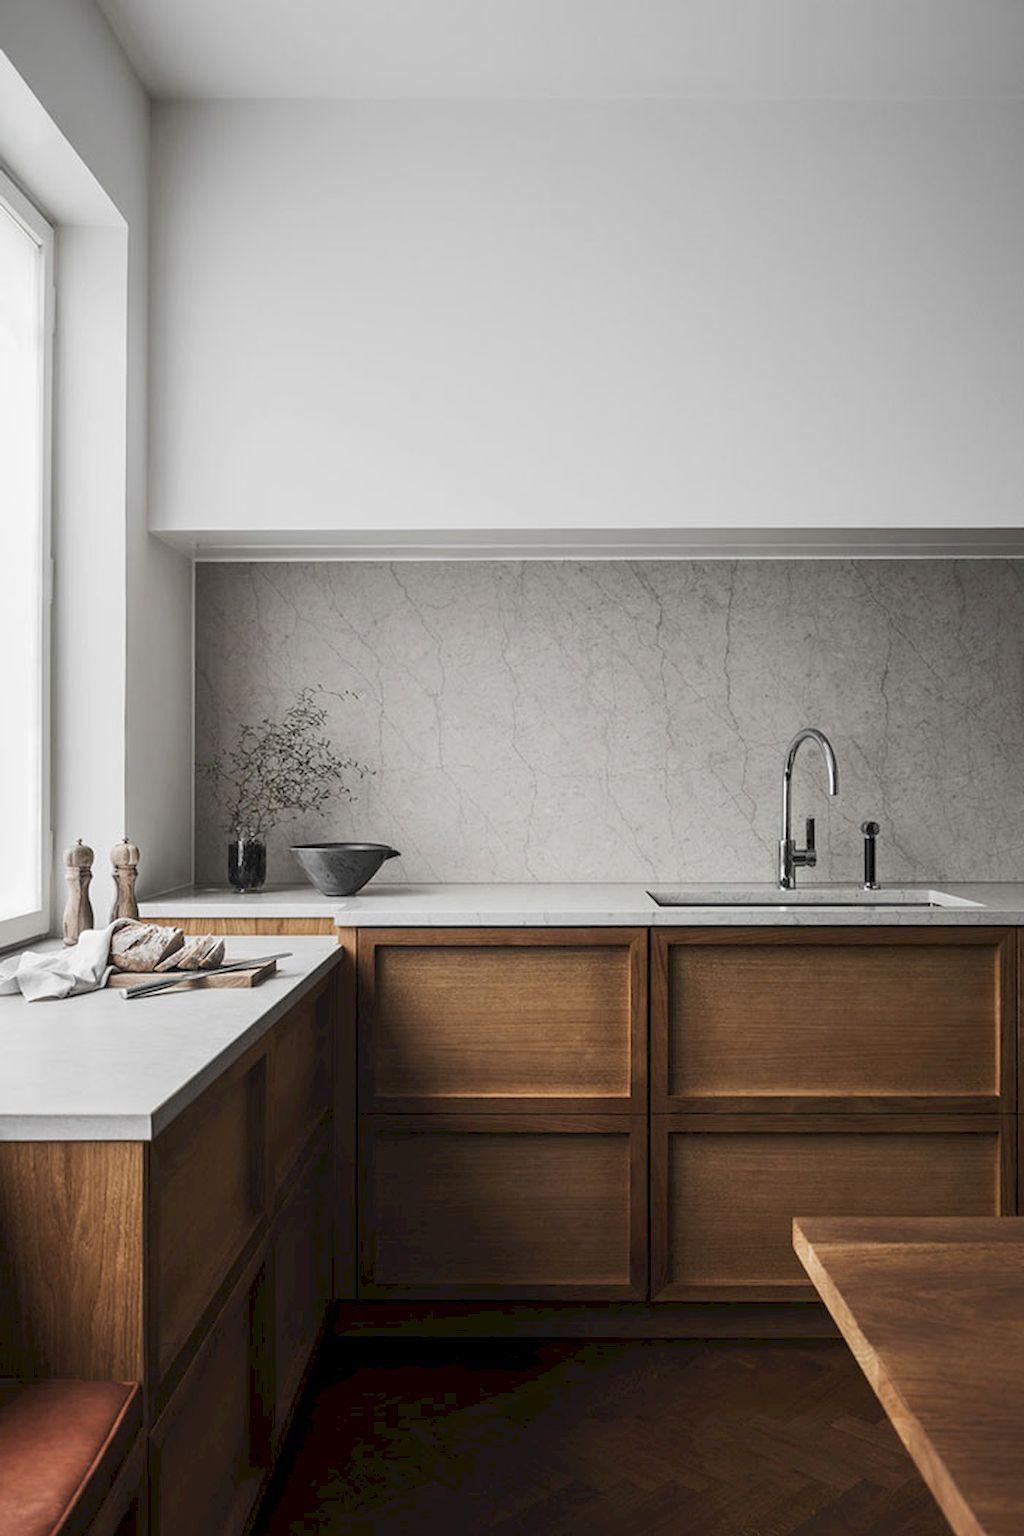 Gorgeous 95 Modern Minimalist Kitchen Designs Https://decorapartment.com/95